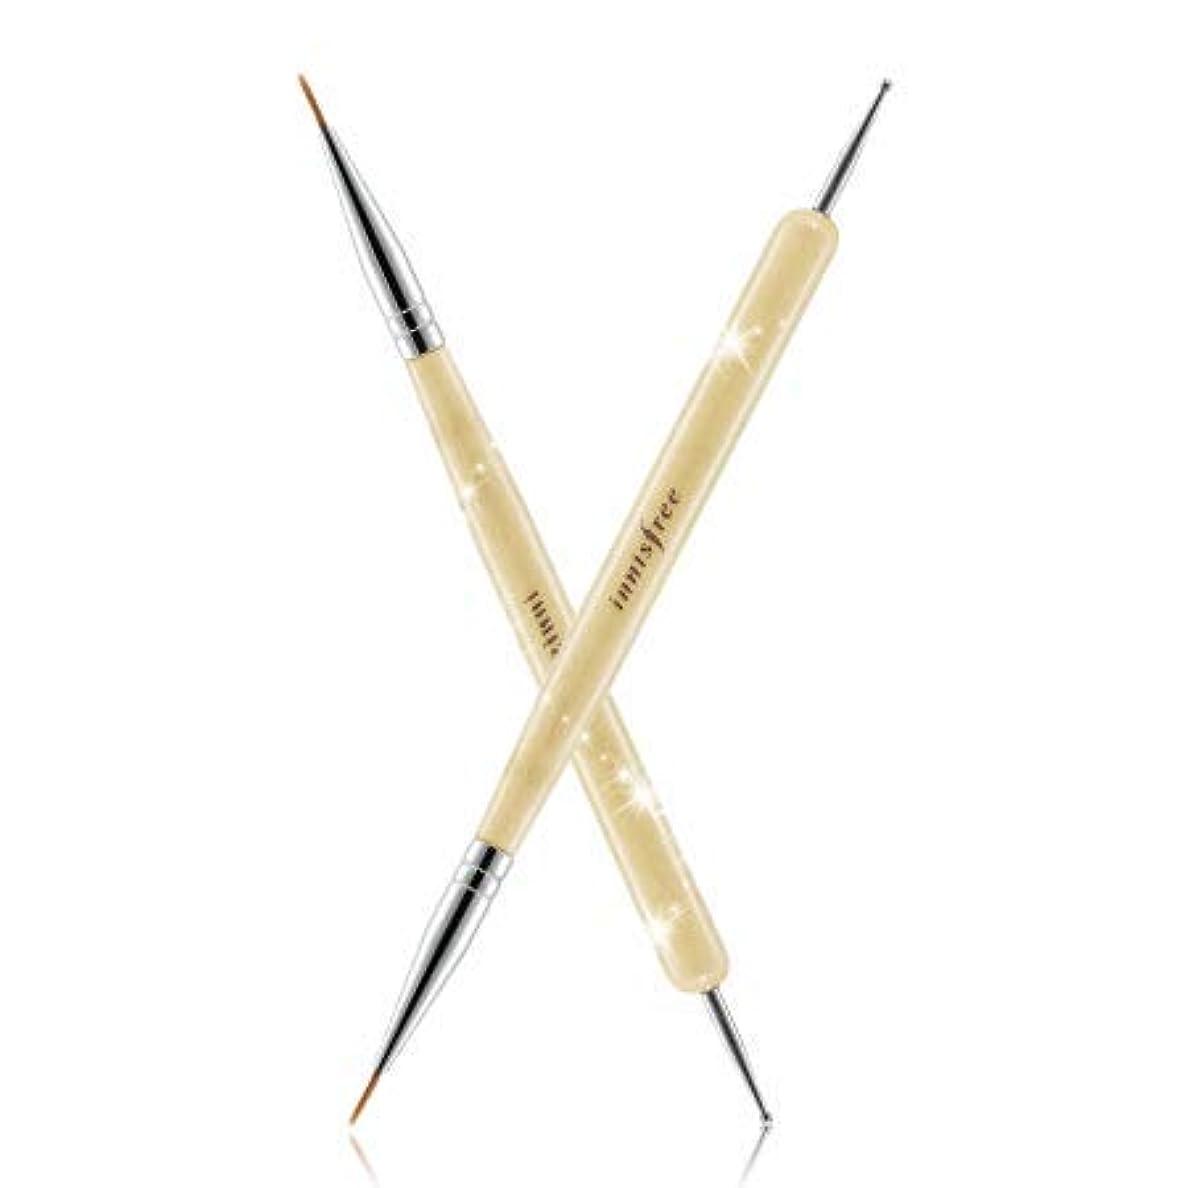 フォルダ馬鹿彼らのもの[イニスフリー.innisfree]ビューティーツールネイルアートスティック - Beauty Tool Nail Art Stick